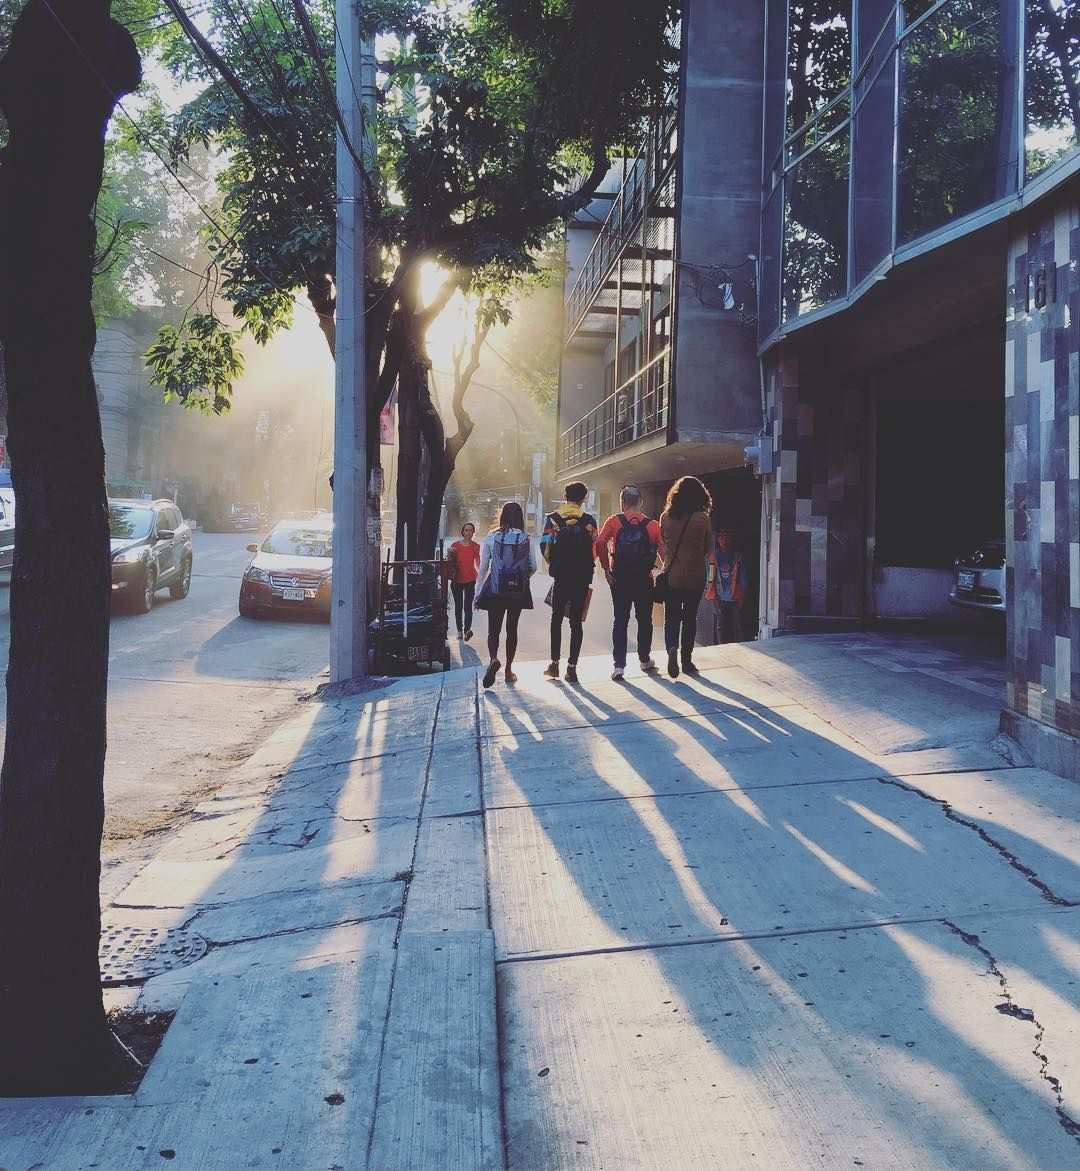 Alan Por El Mundo On Instagram Por Las Calles De La Roma Cdmx Axm Travel Axmmexico Instagram Instagram Posts Sidewalk